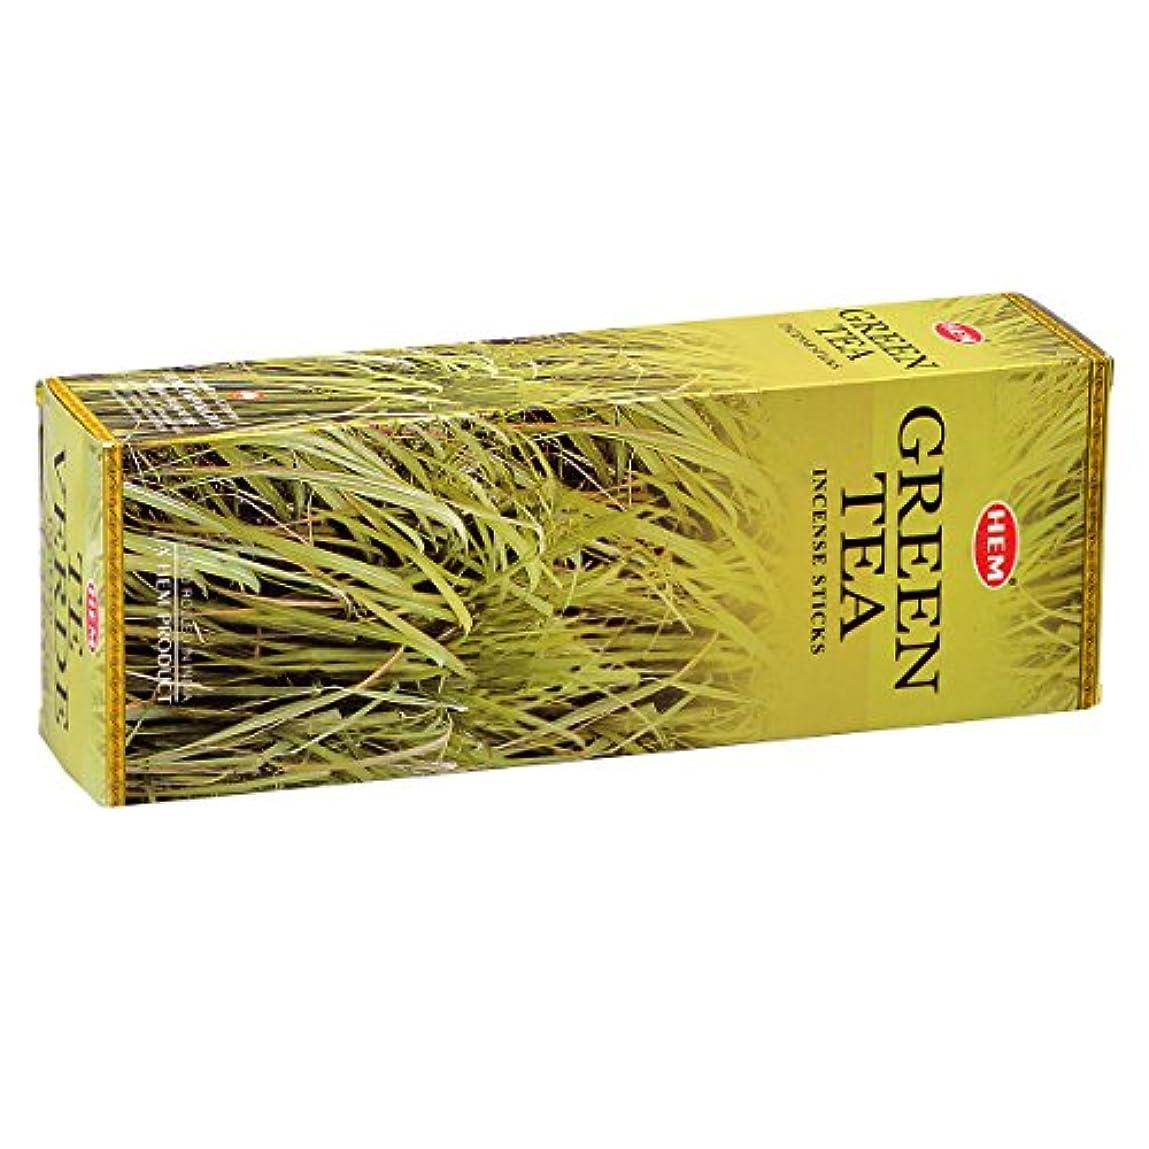 五シェフアダルトHEM(ヘム) グリーン ティー GREEN TEA スティックタイプ お香 6筒 セット [並行輸入品]